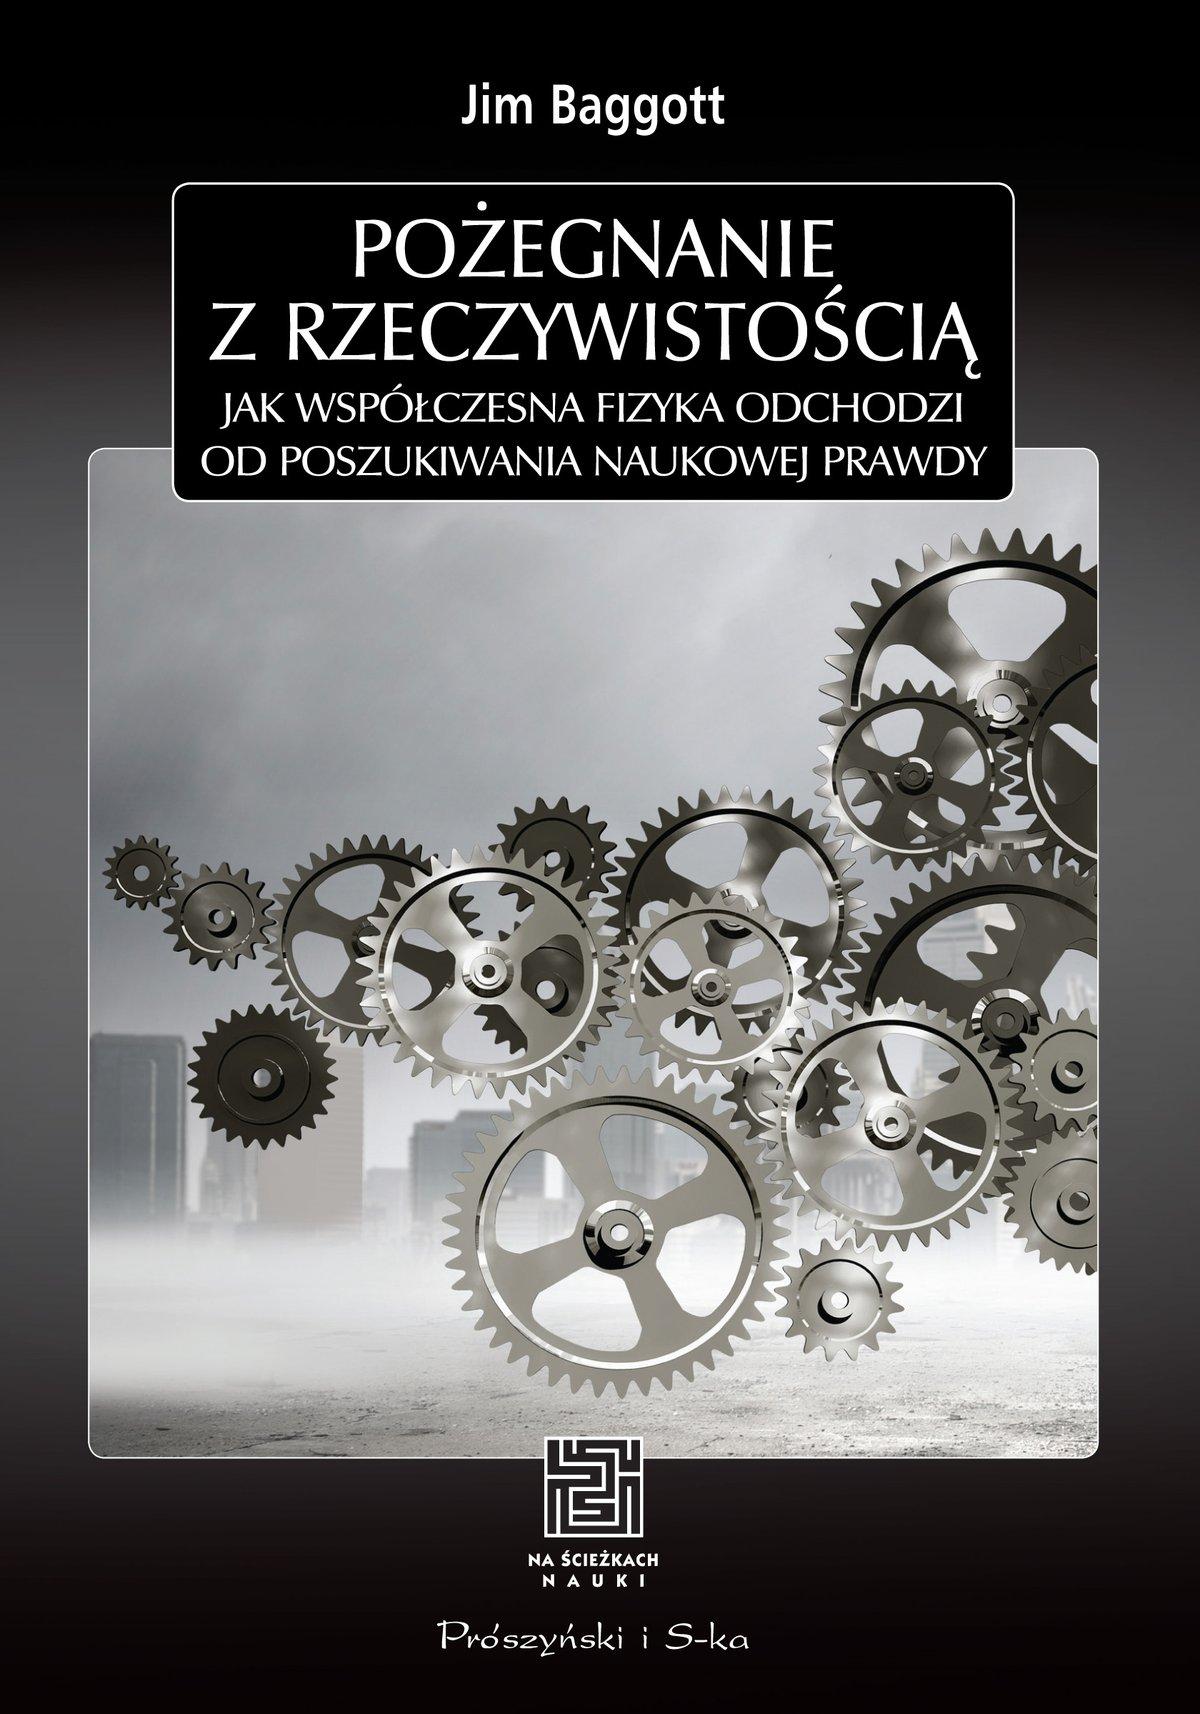 Pożegnanie z rzeczywistością. Jak współczesna fizyka odchodzi od poszukiwania naukowej prawdy - Ebook (Książka na Kindle) do pobrania w formacie MOBI